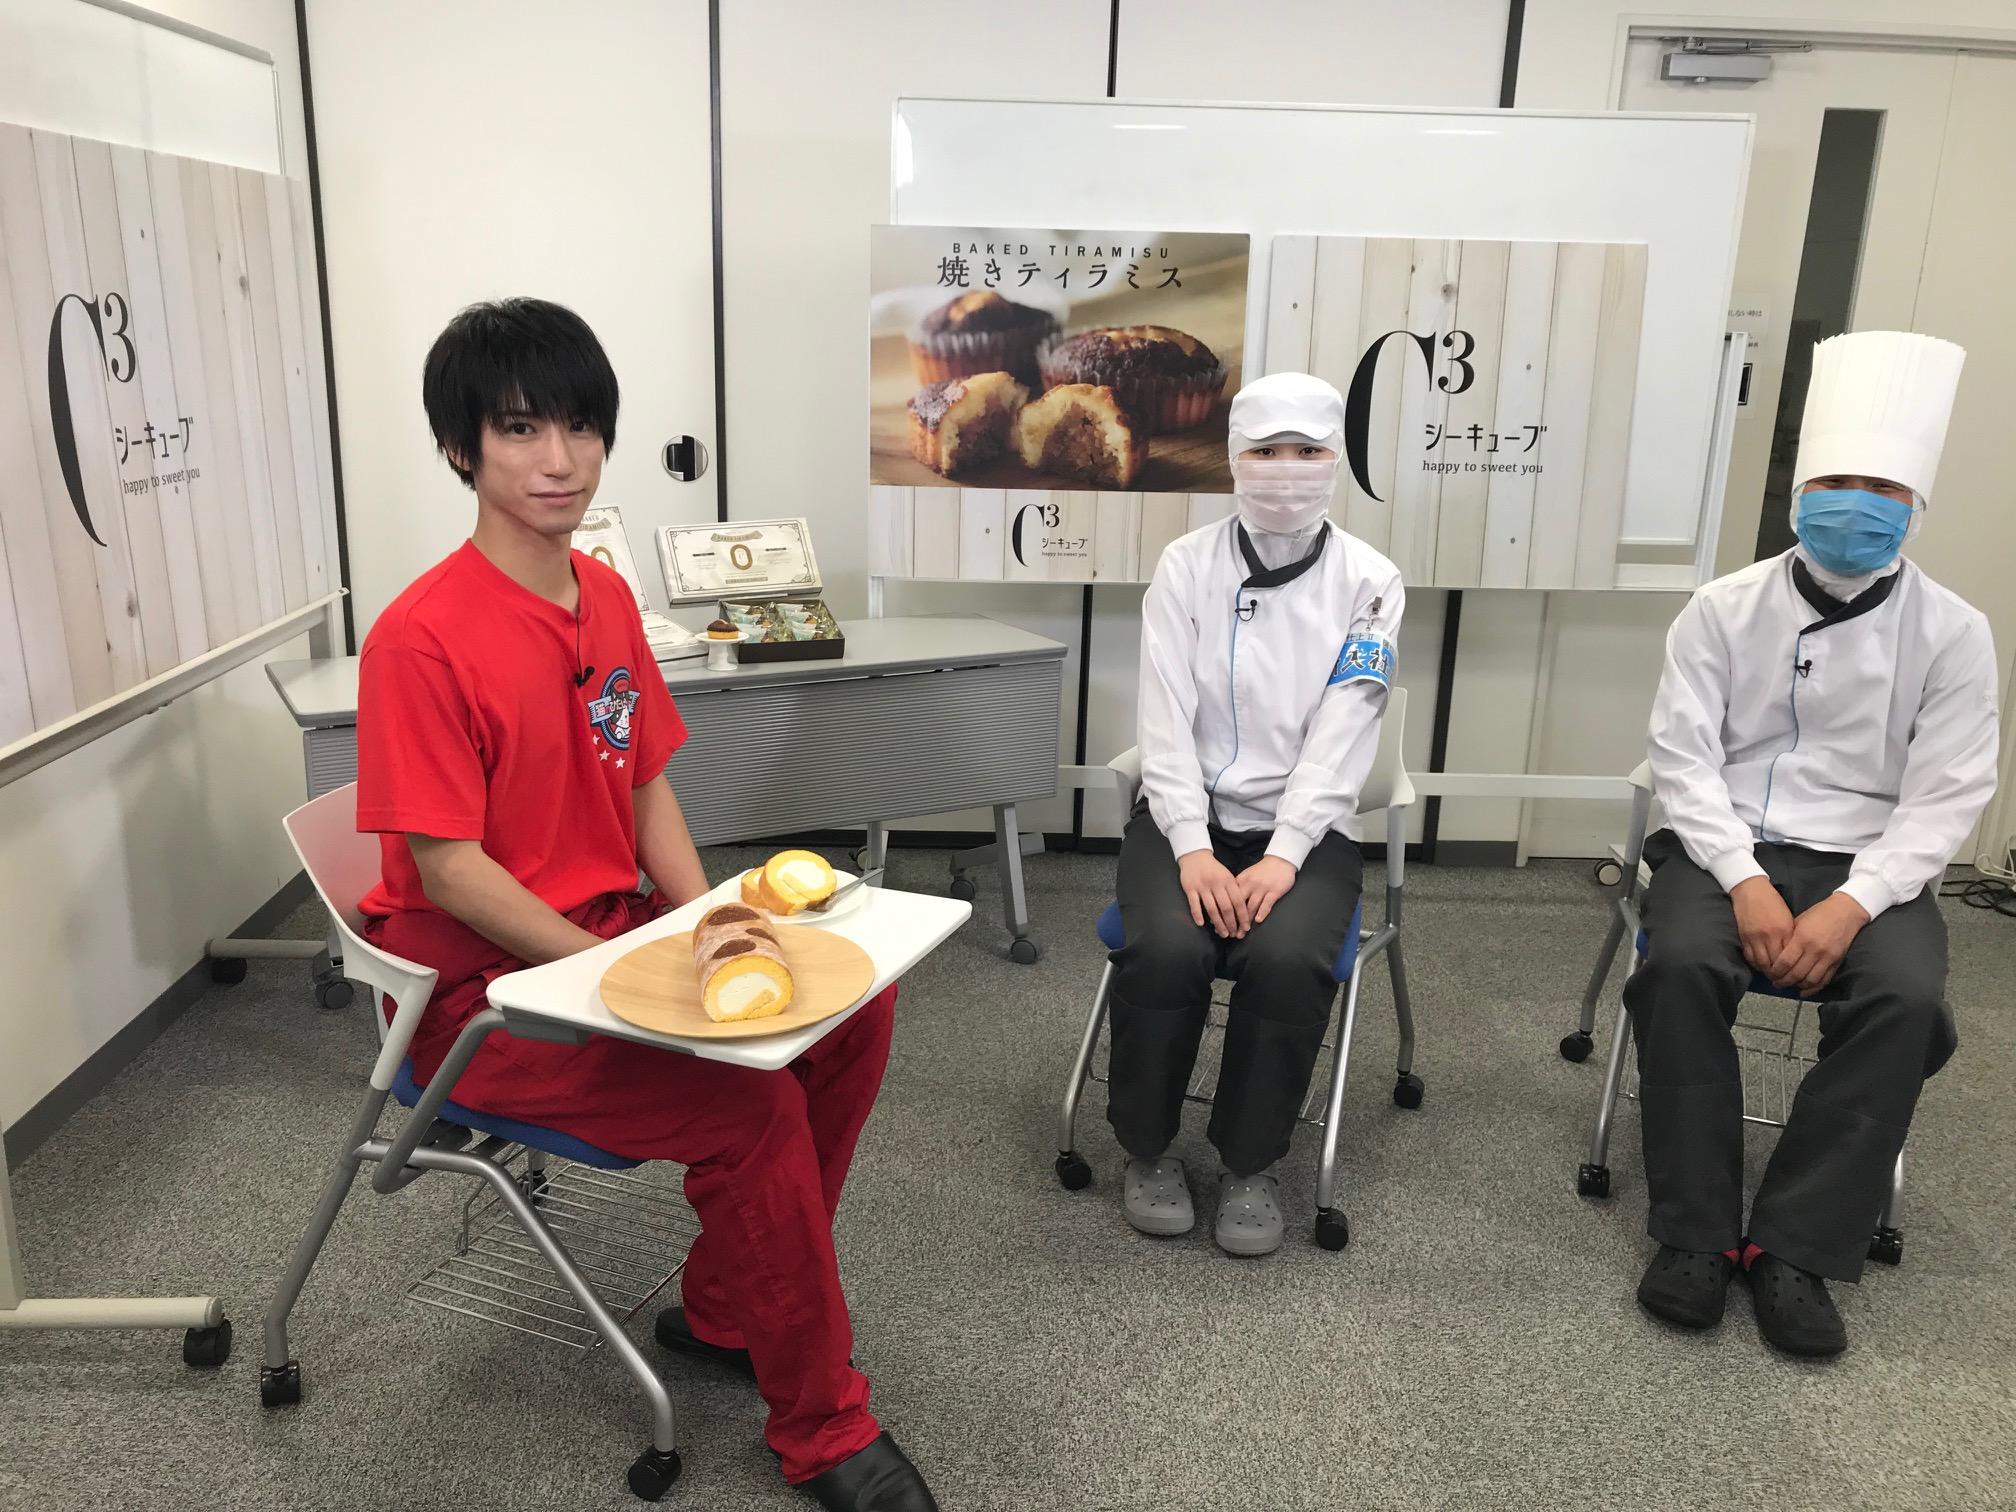 【TV放送のお知らせ】テレビ神奈川「猫のひたいほどワイド」